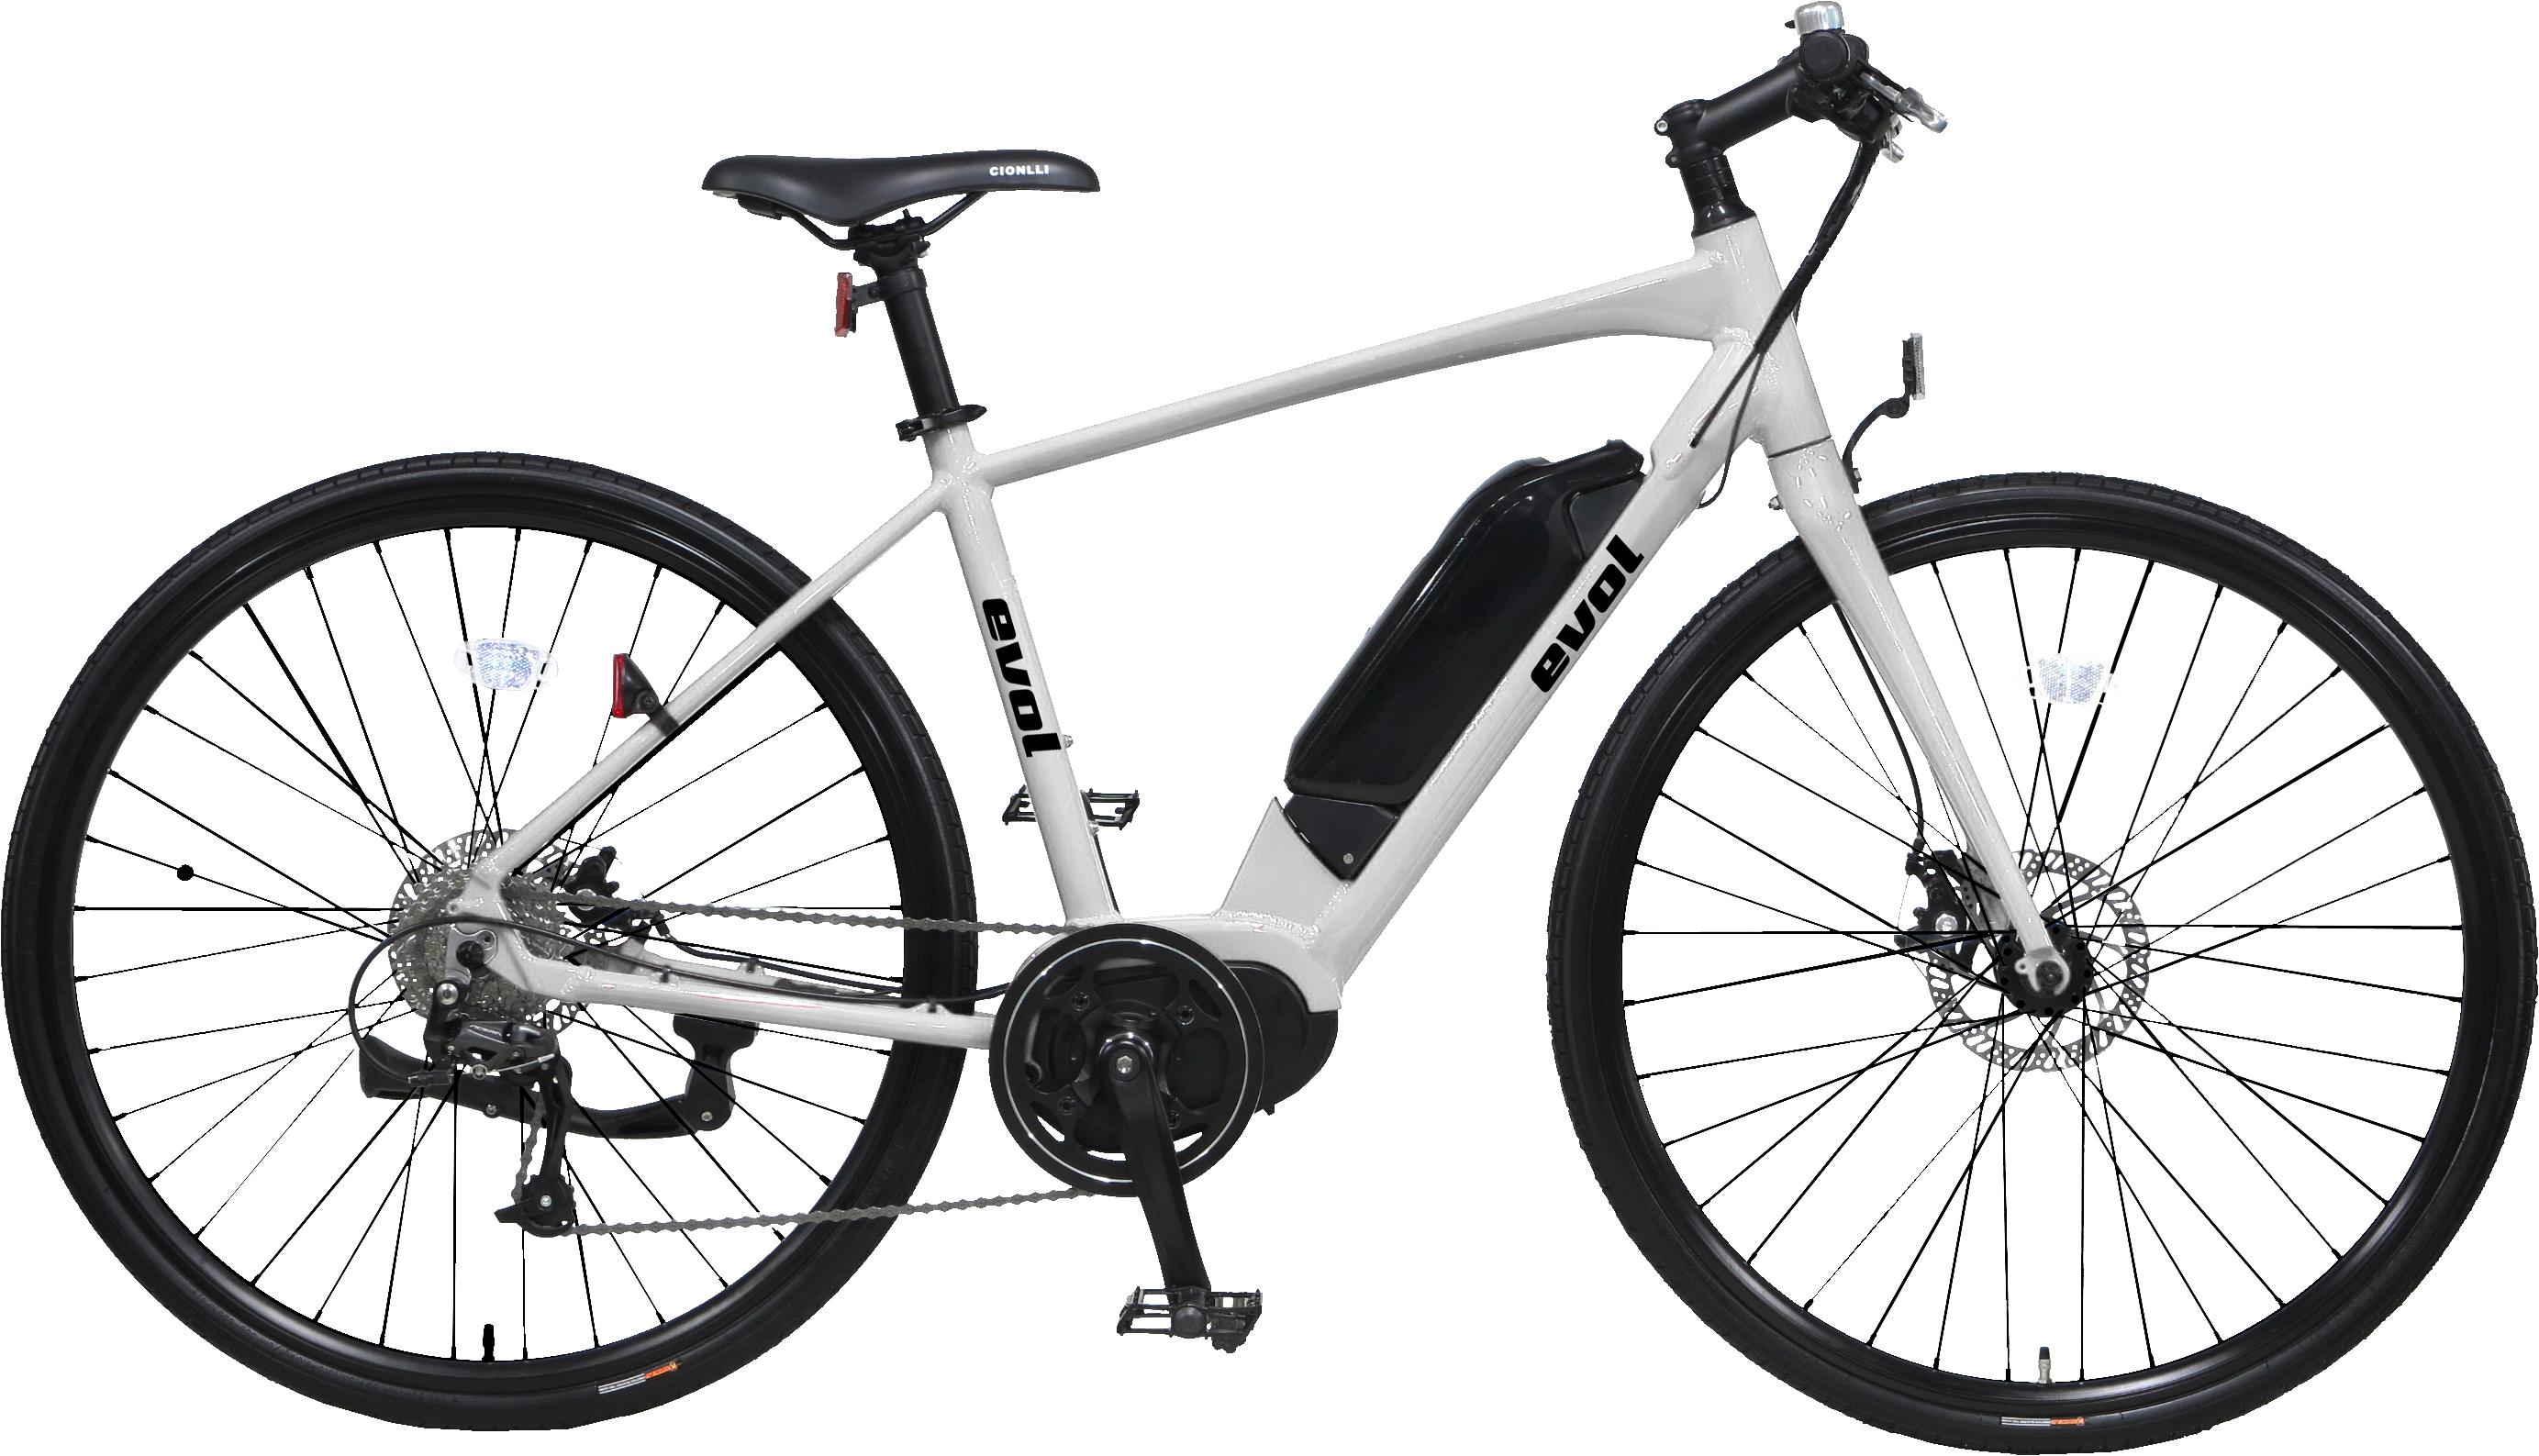 E-BIKE(スポーツ電動アシスト自転車)evol(エヴォル)